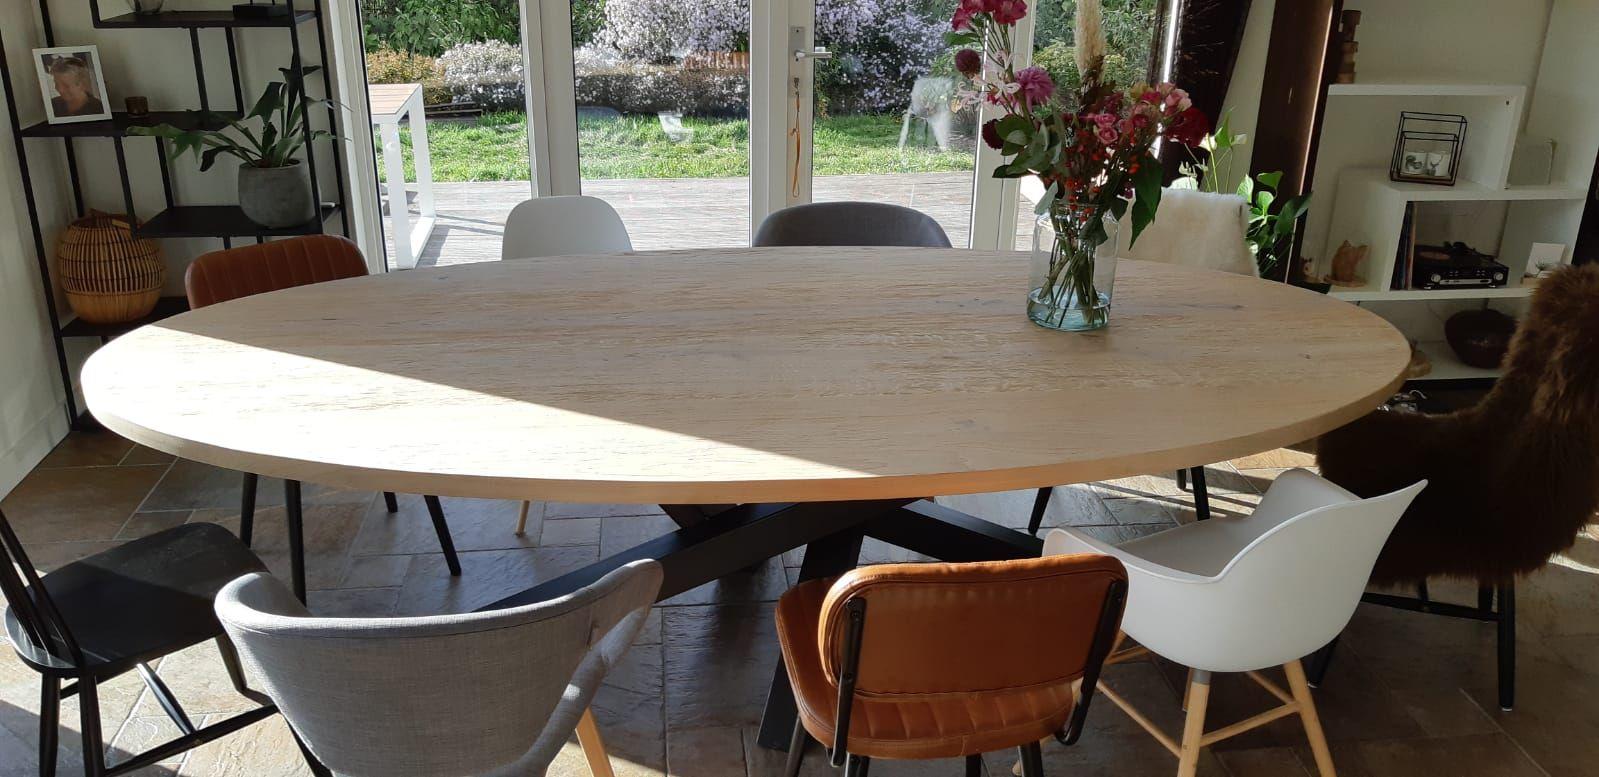 Stoere Tafels Op Maat.Woonloodz Stoere Ovalen Eiken Eettafel Met Matrix Smal